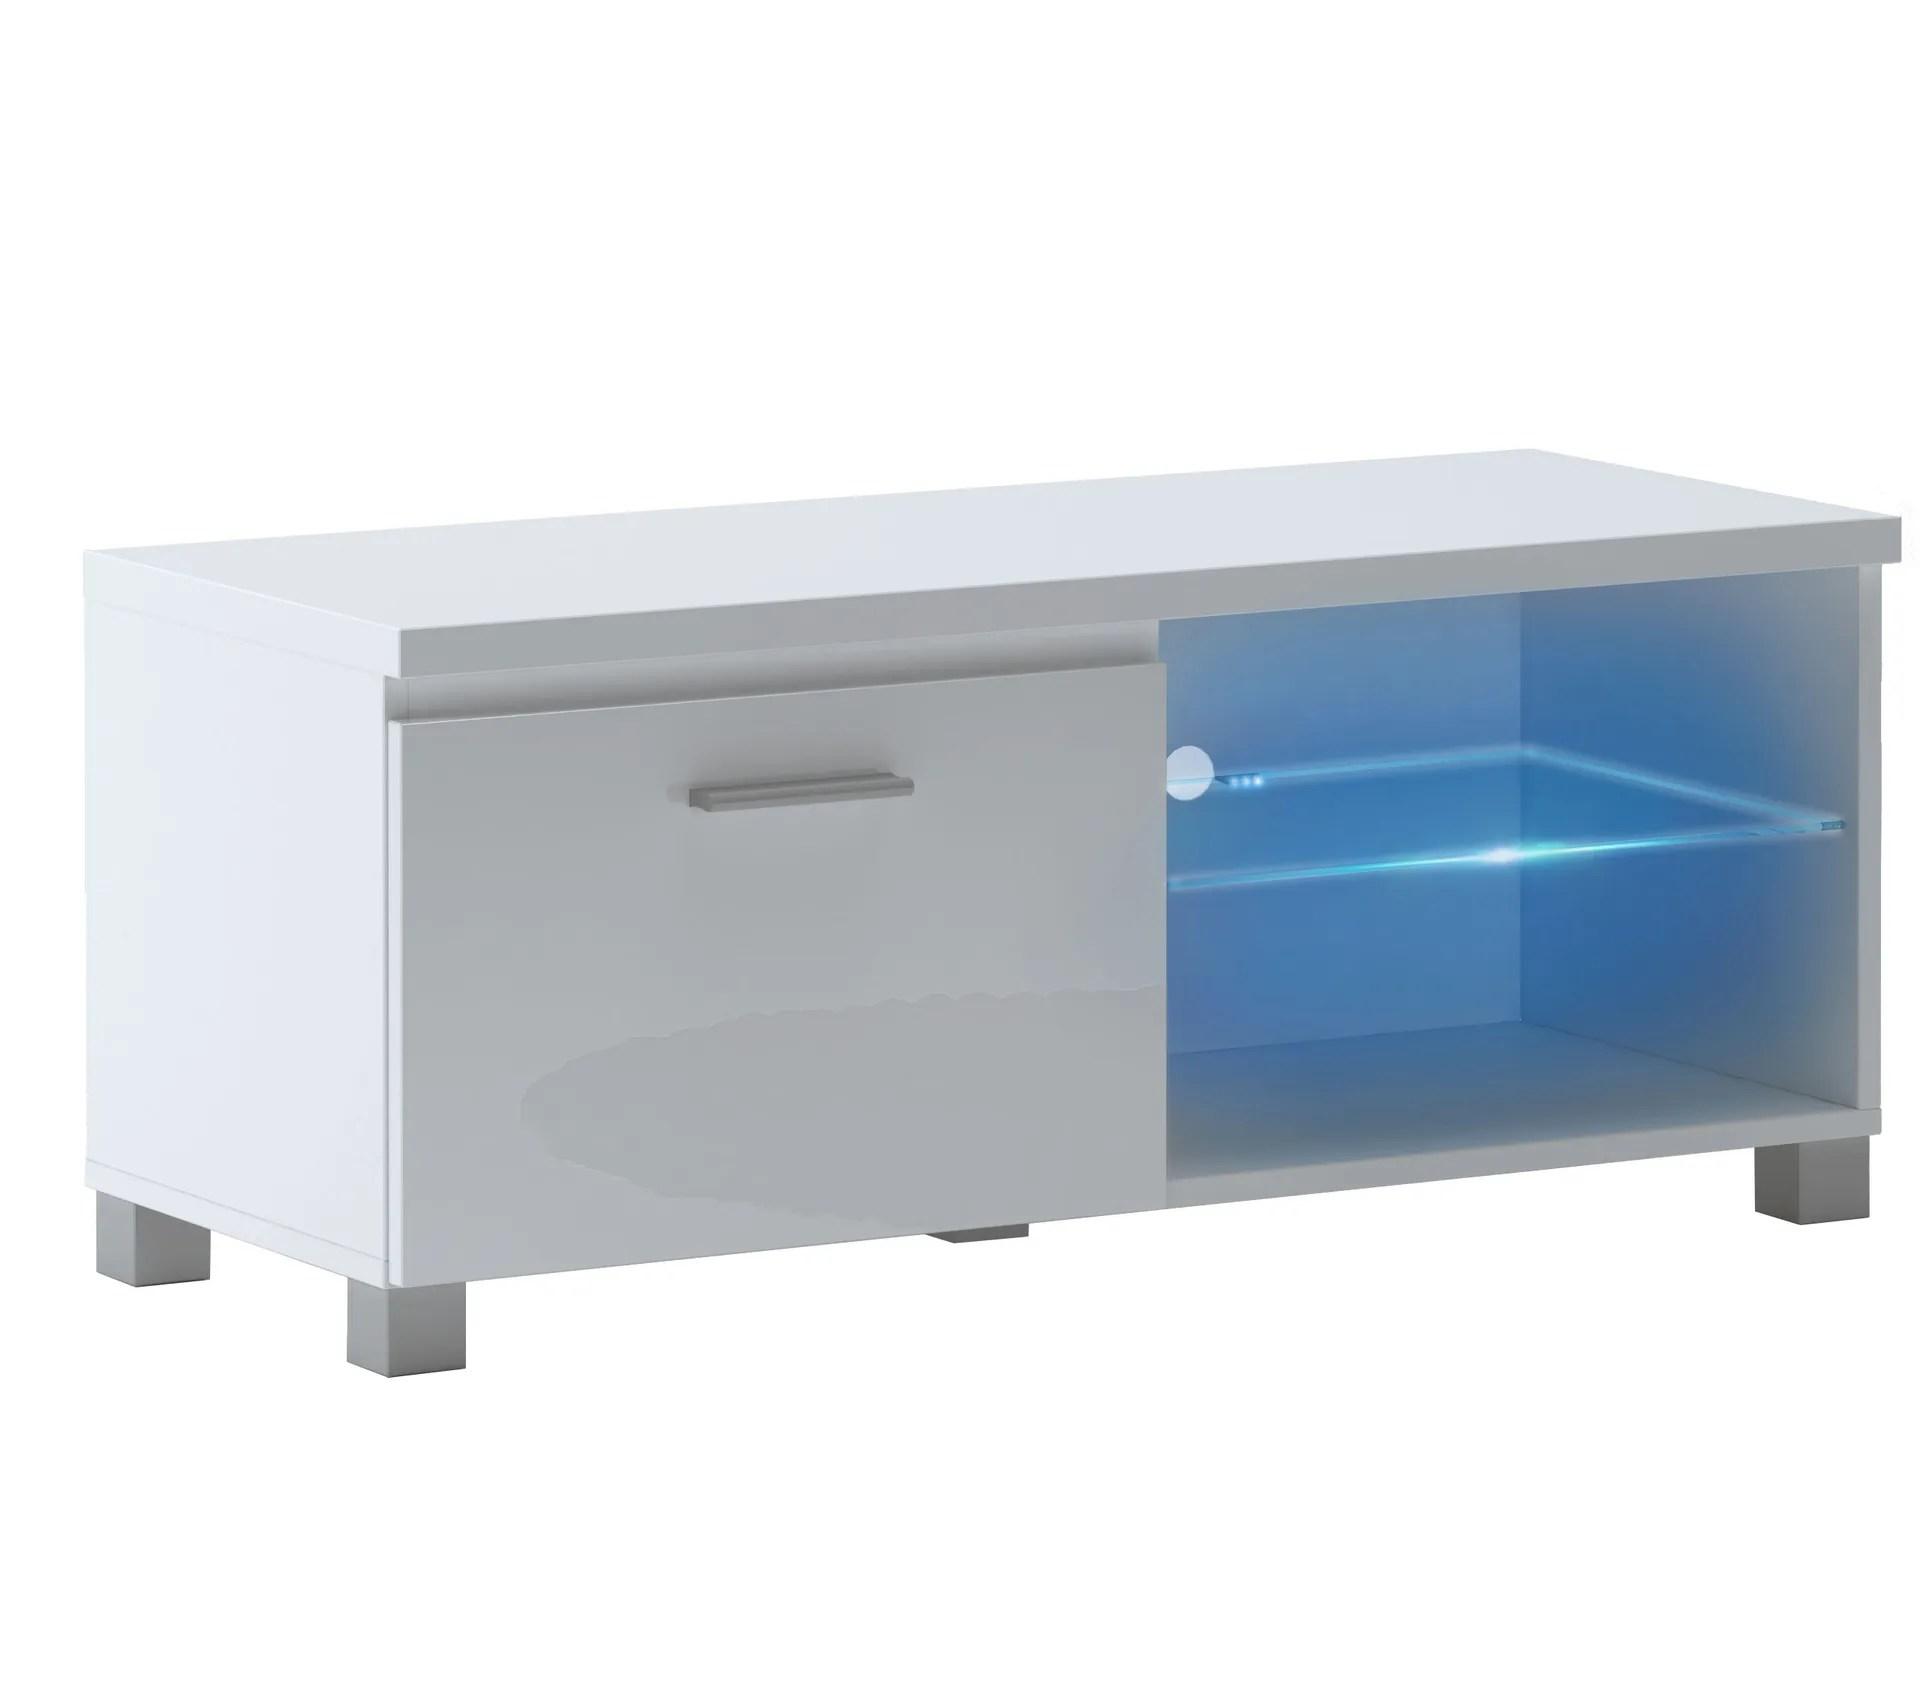 meuble bas tv led blanc mate et blanc laque